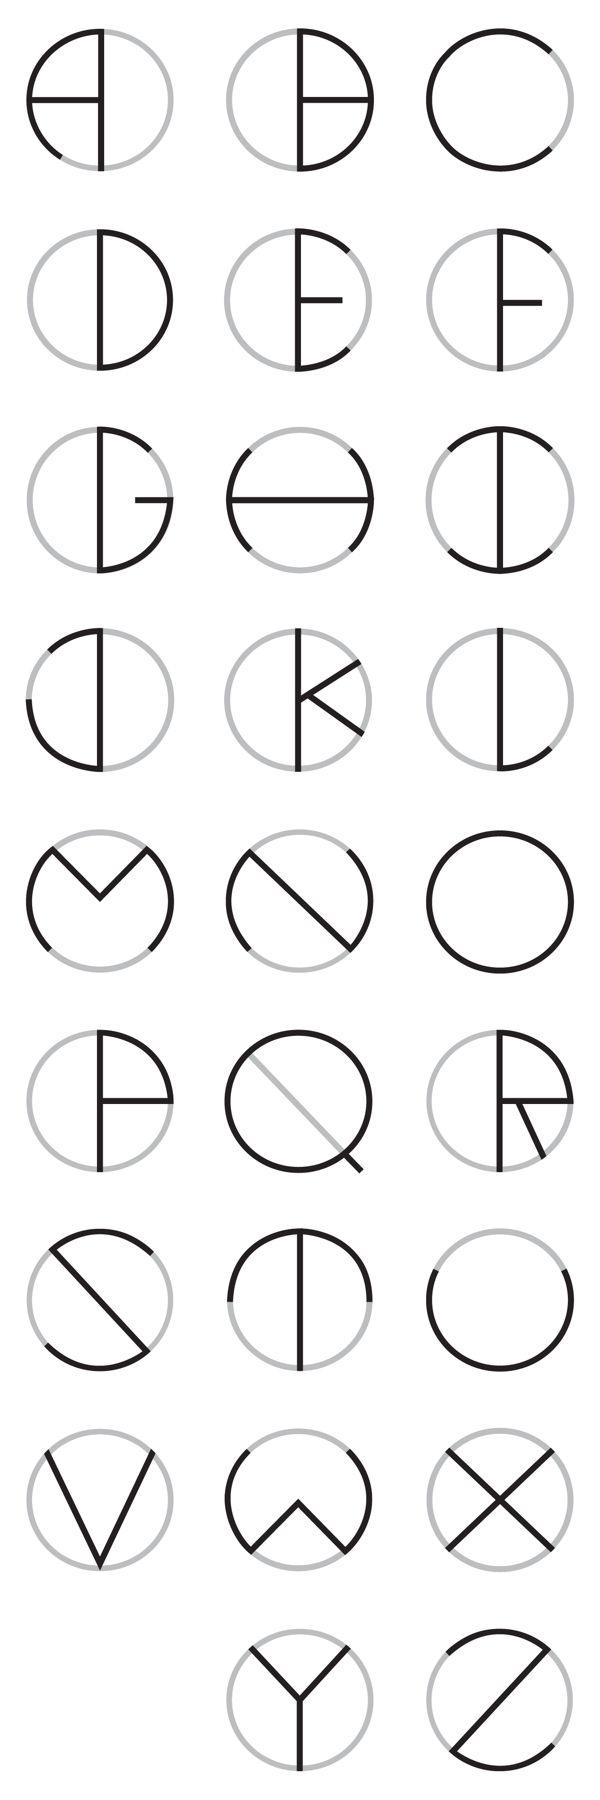 瑞士軍刀字體